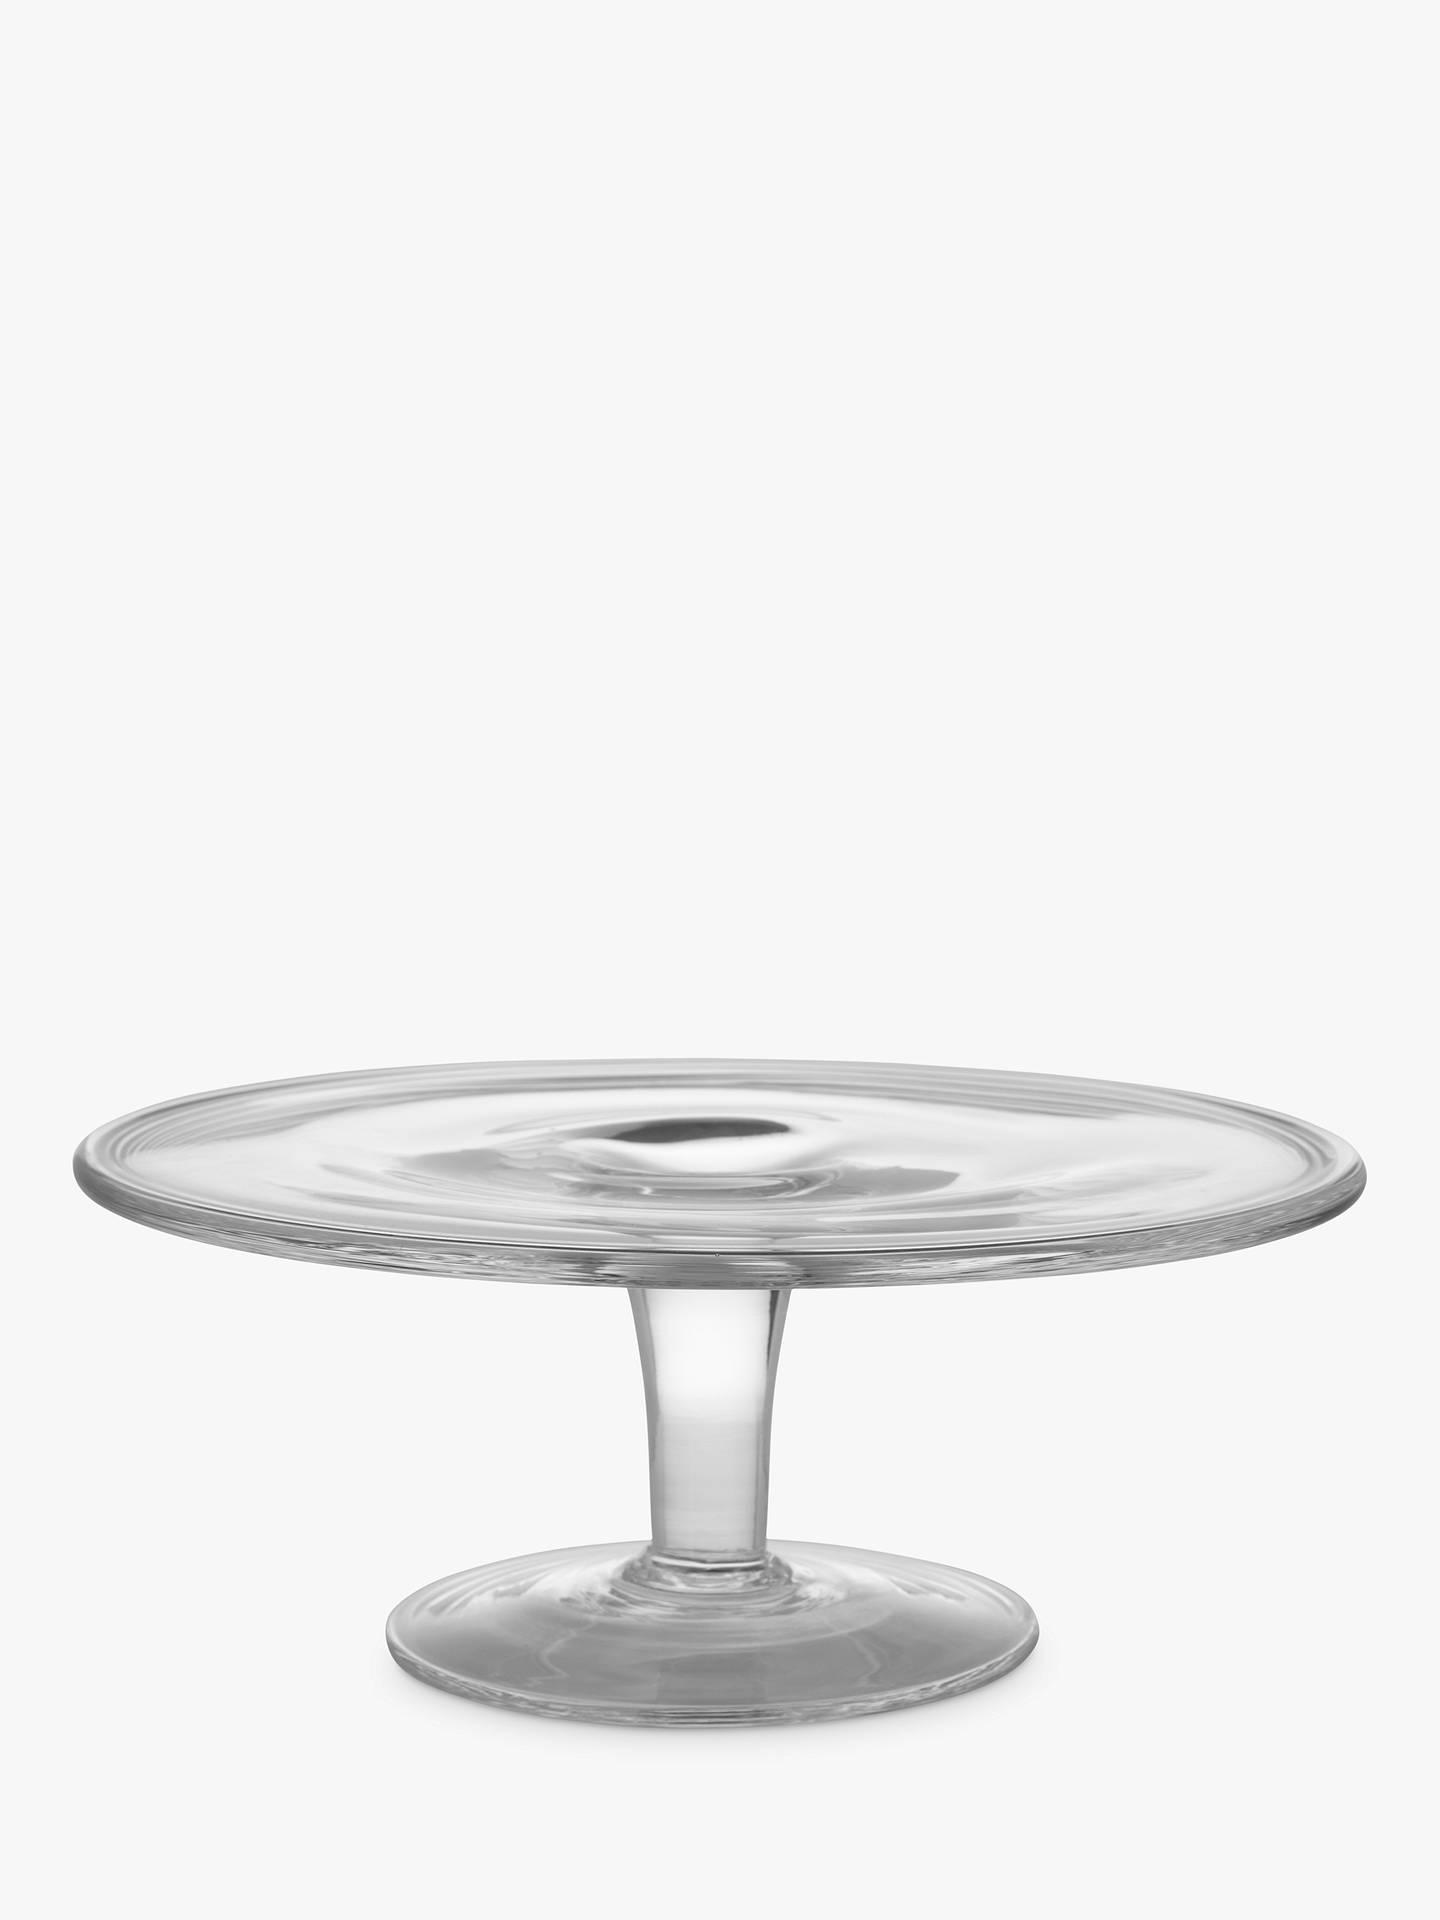 lsa international serve cake stand at john lewis partners. Black Bedroom Furniture Sets. Home Design Ideas